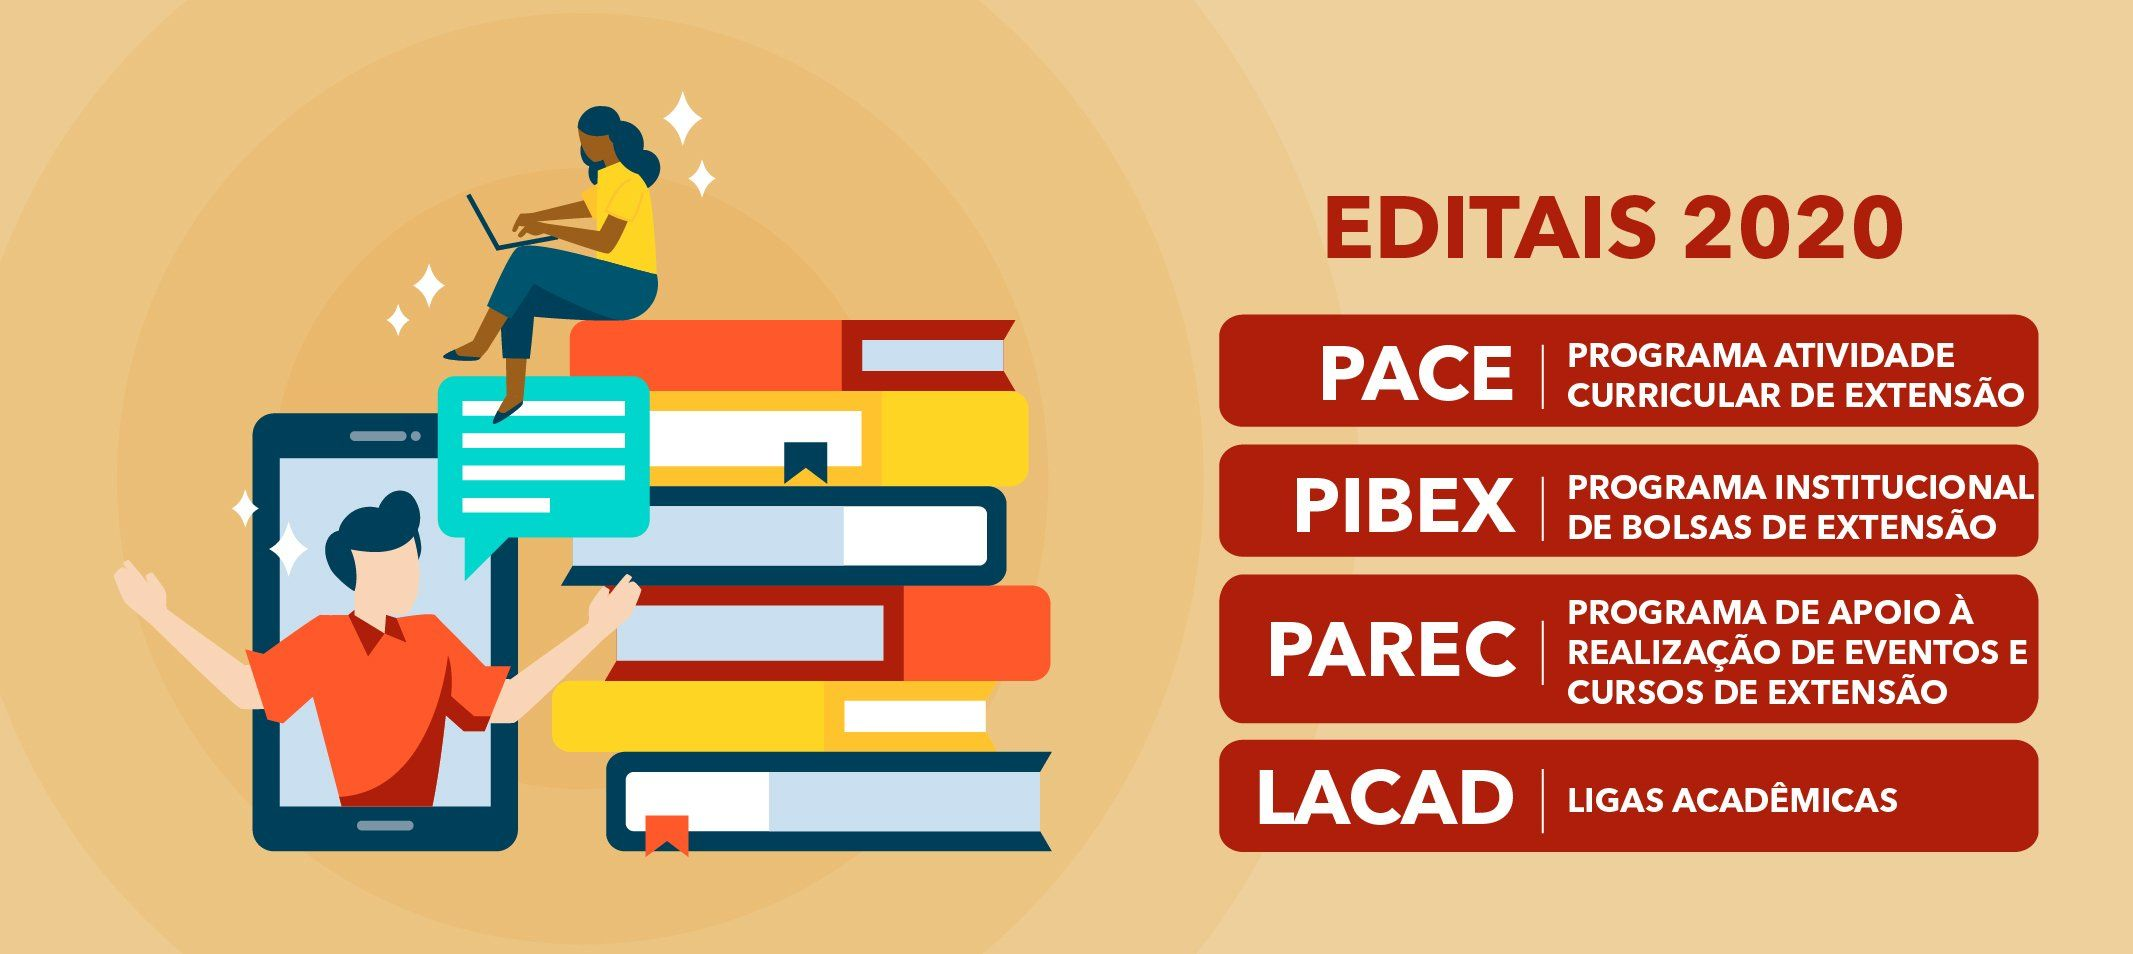 Submissões das propostas para os Editais da Proext vão até dia 27 de janeiro